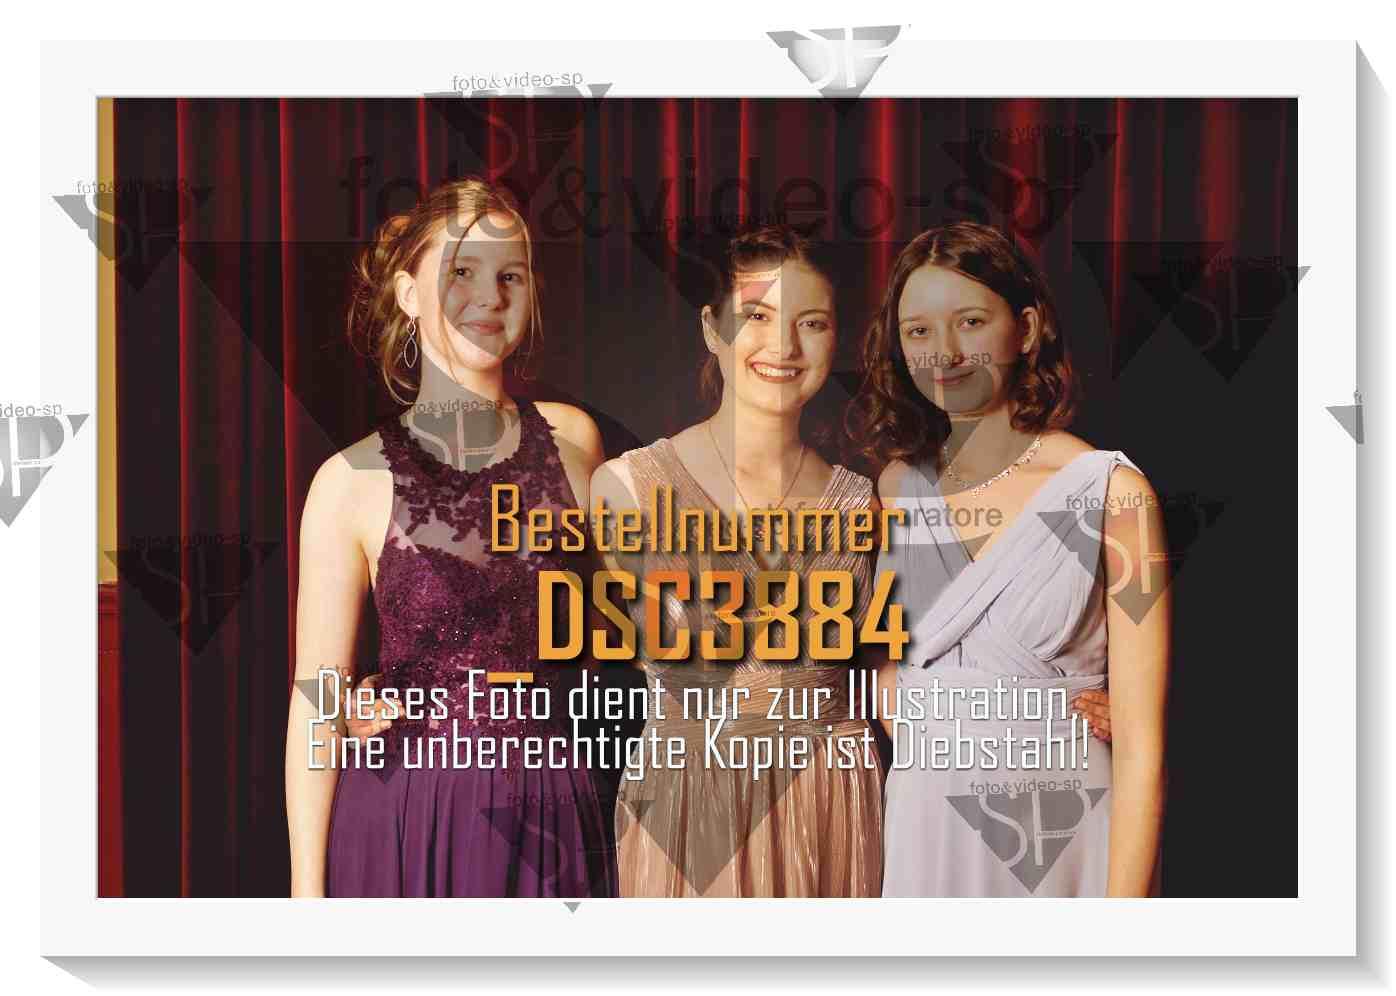 DSC3884